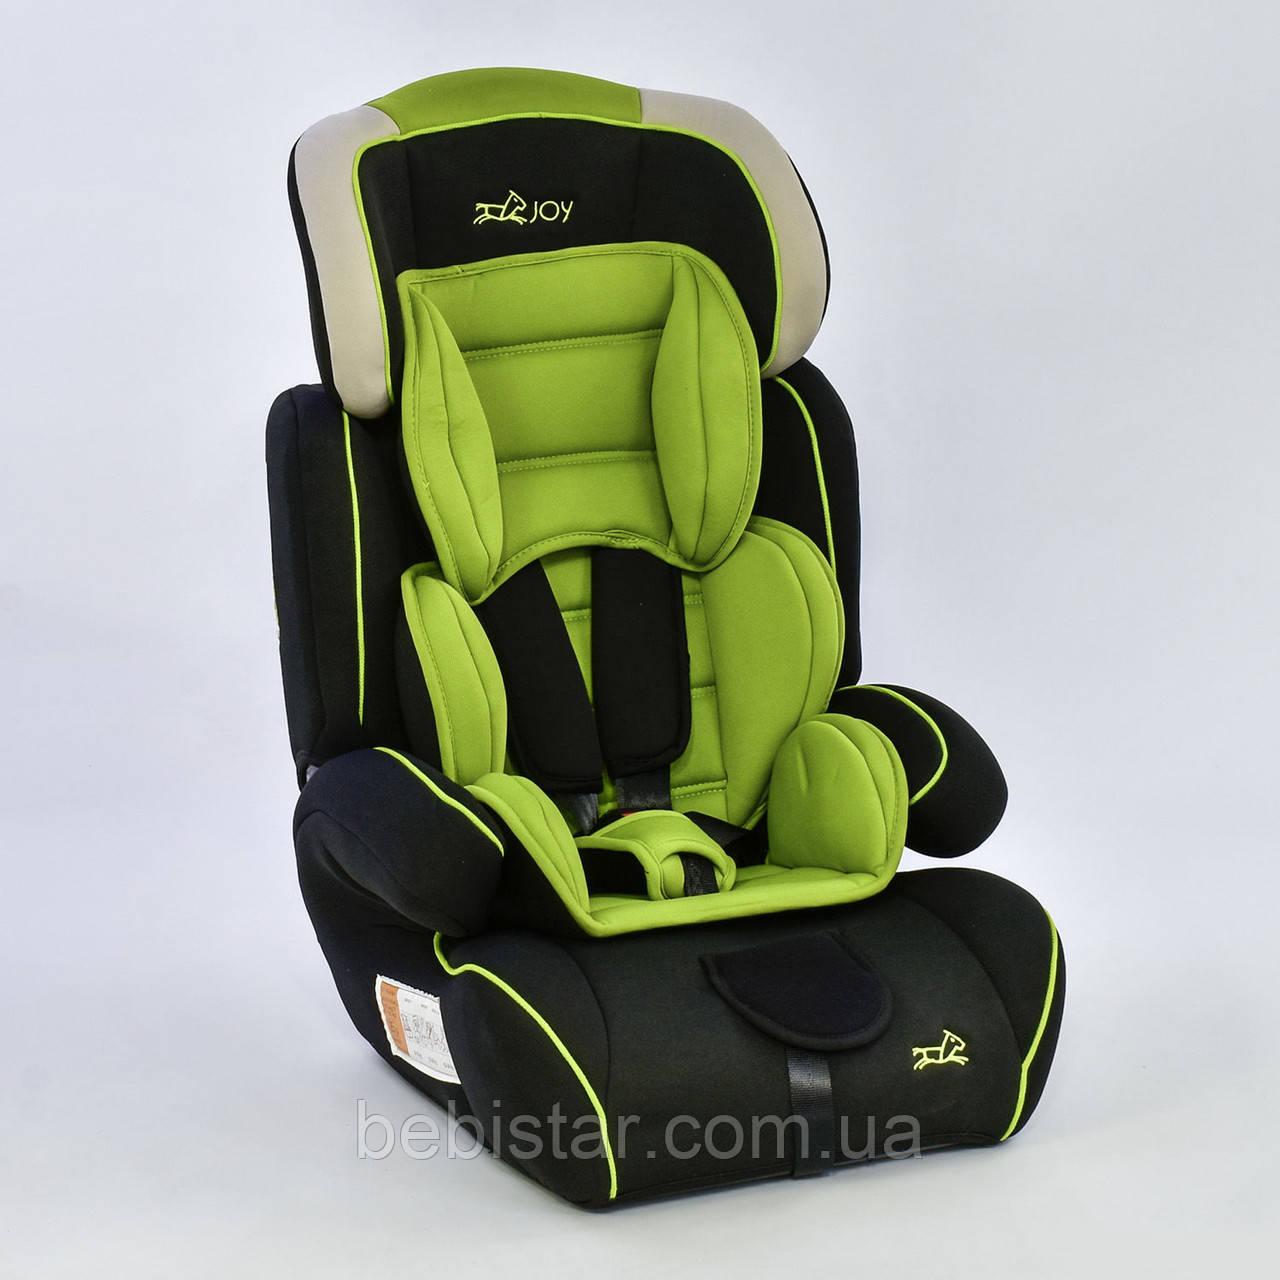 Дитяче автокрісло сіро-зелене JOY